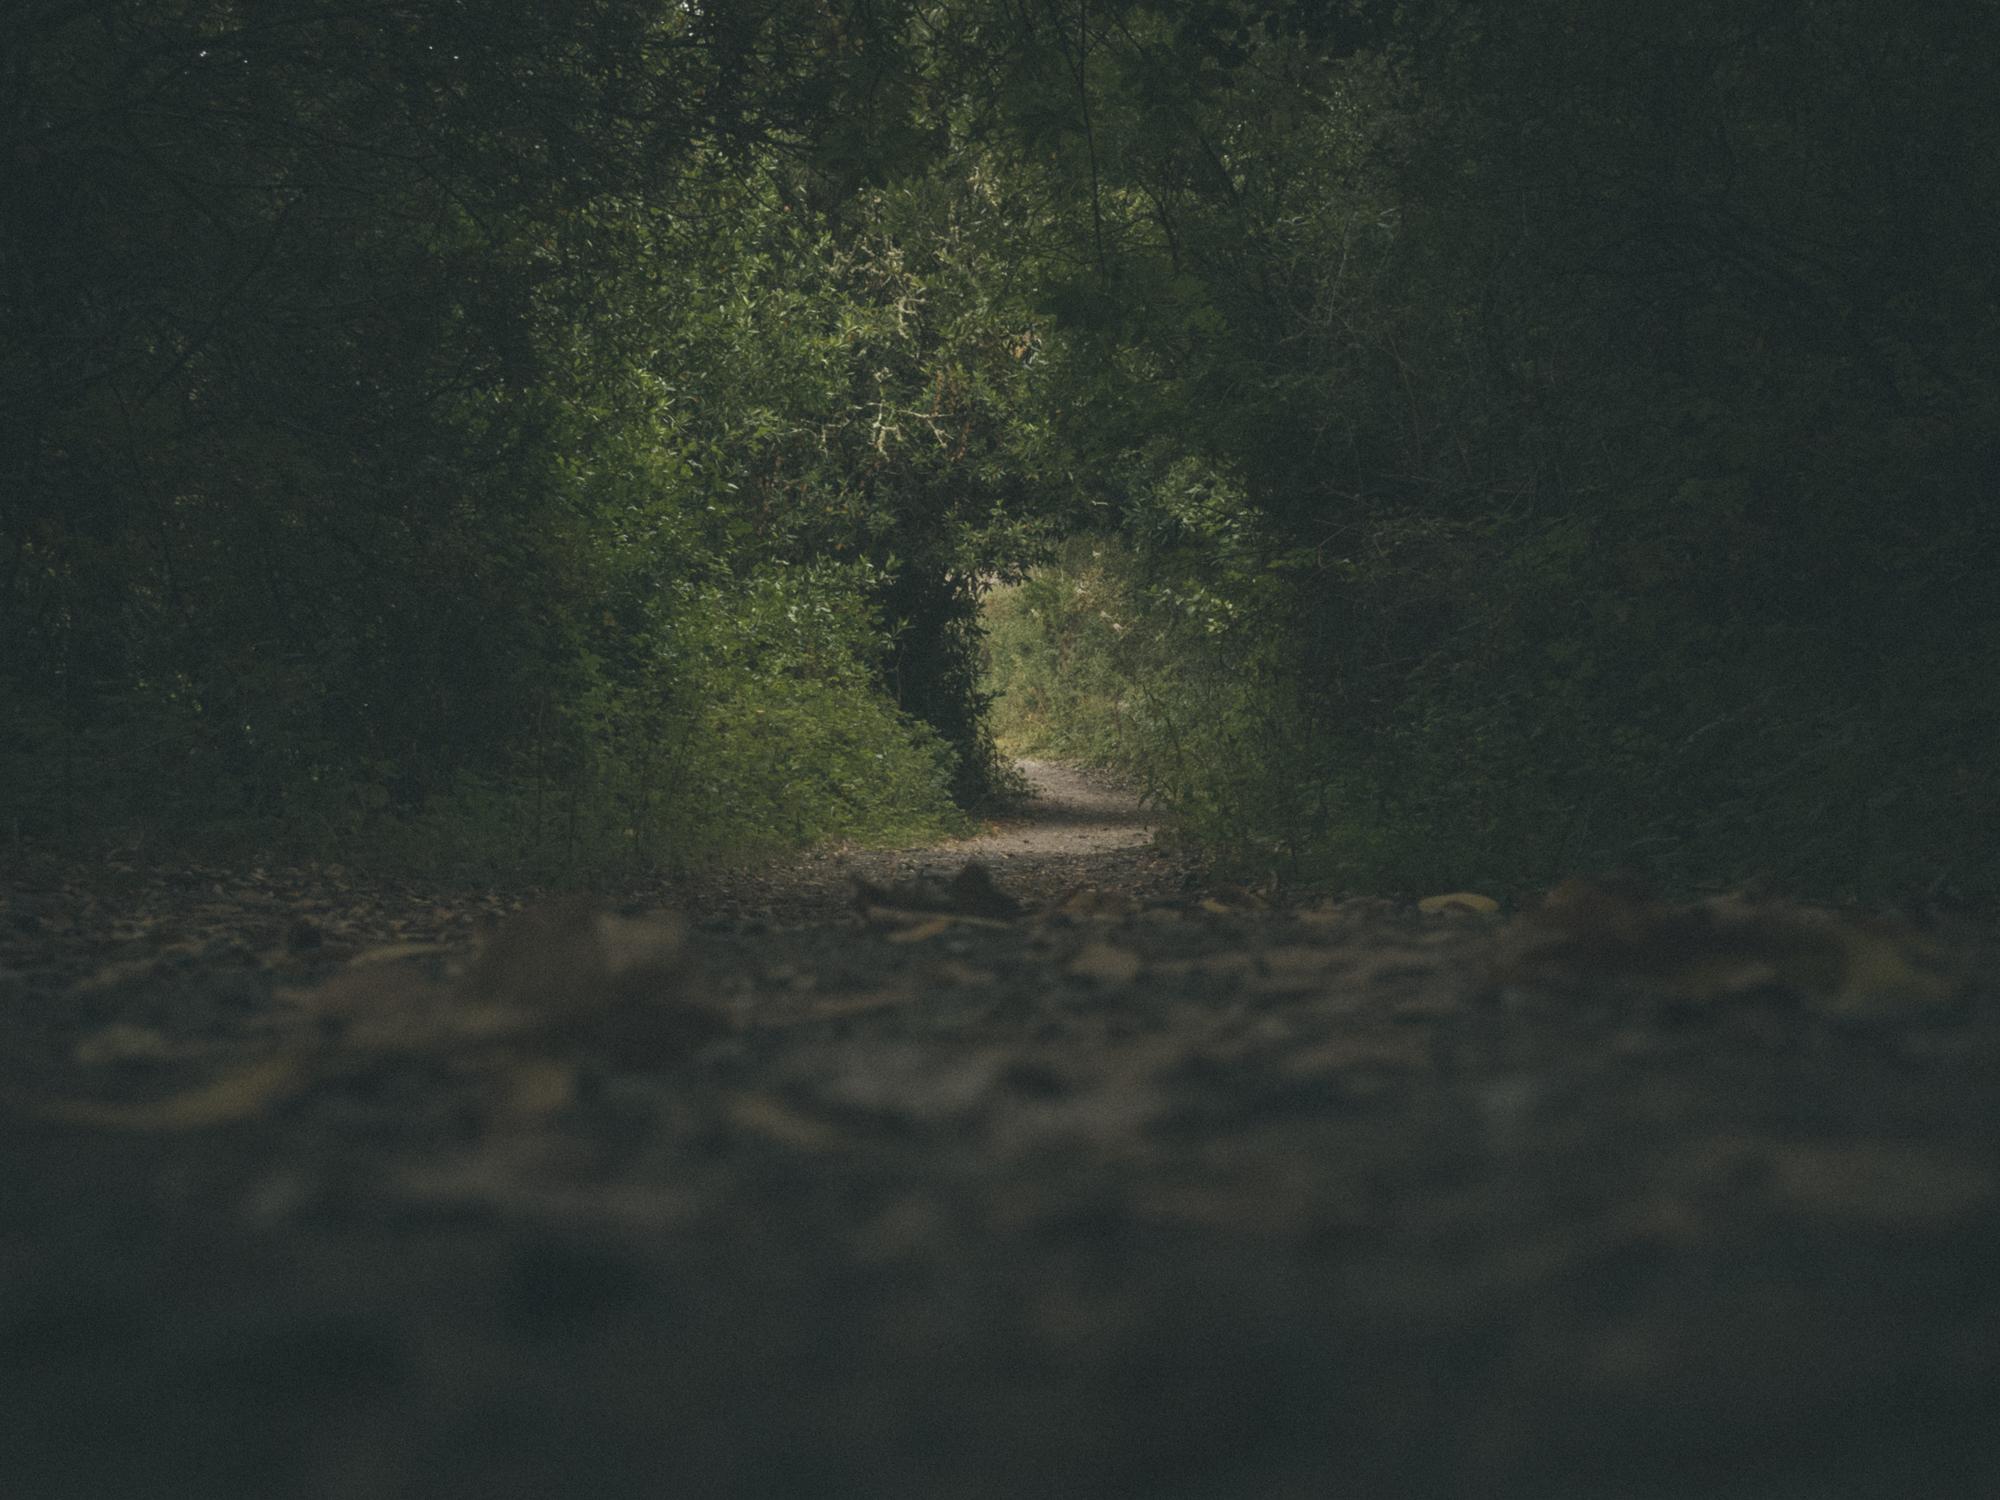 Woods-8656.jpg